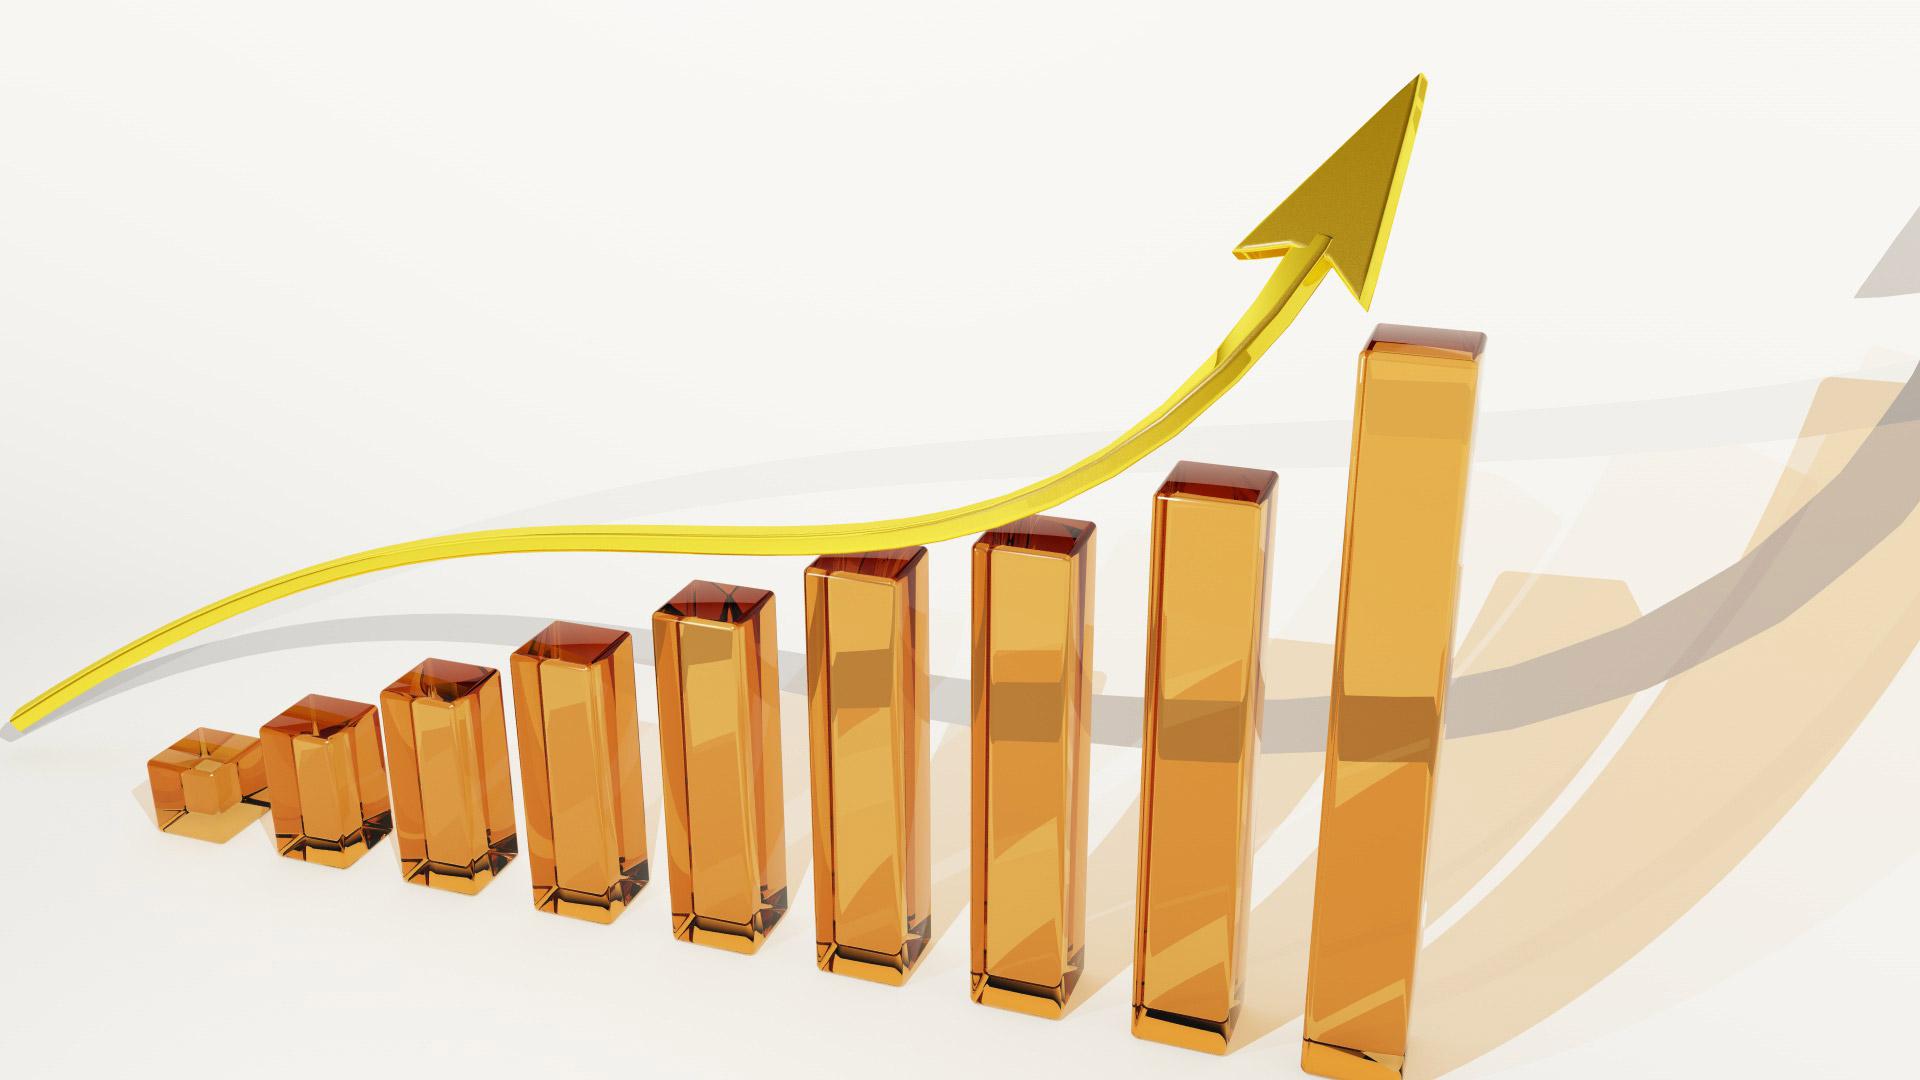 רווח שיא: איילון רשמה רווח חציוני כולל של 83 מיליון שקל – גידול של 256% לעומת אשתקד